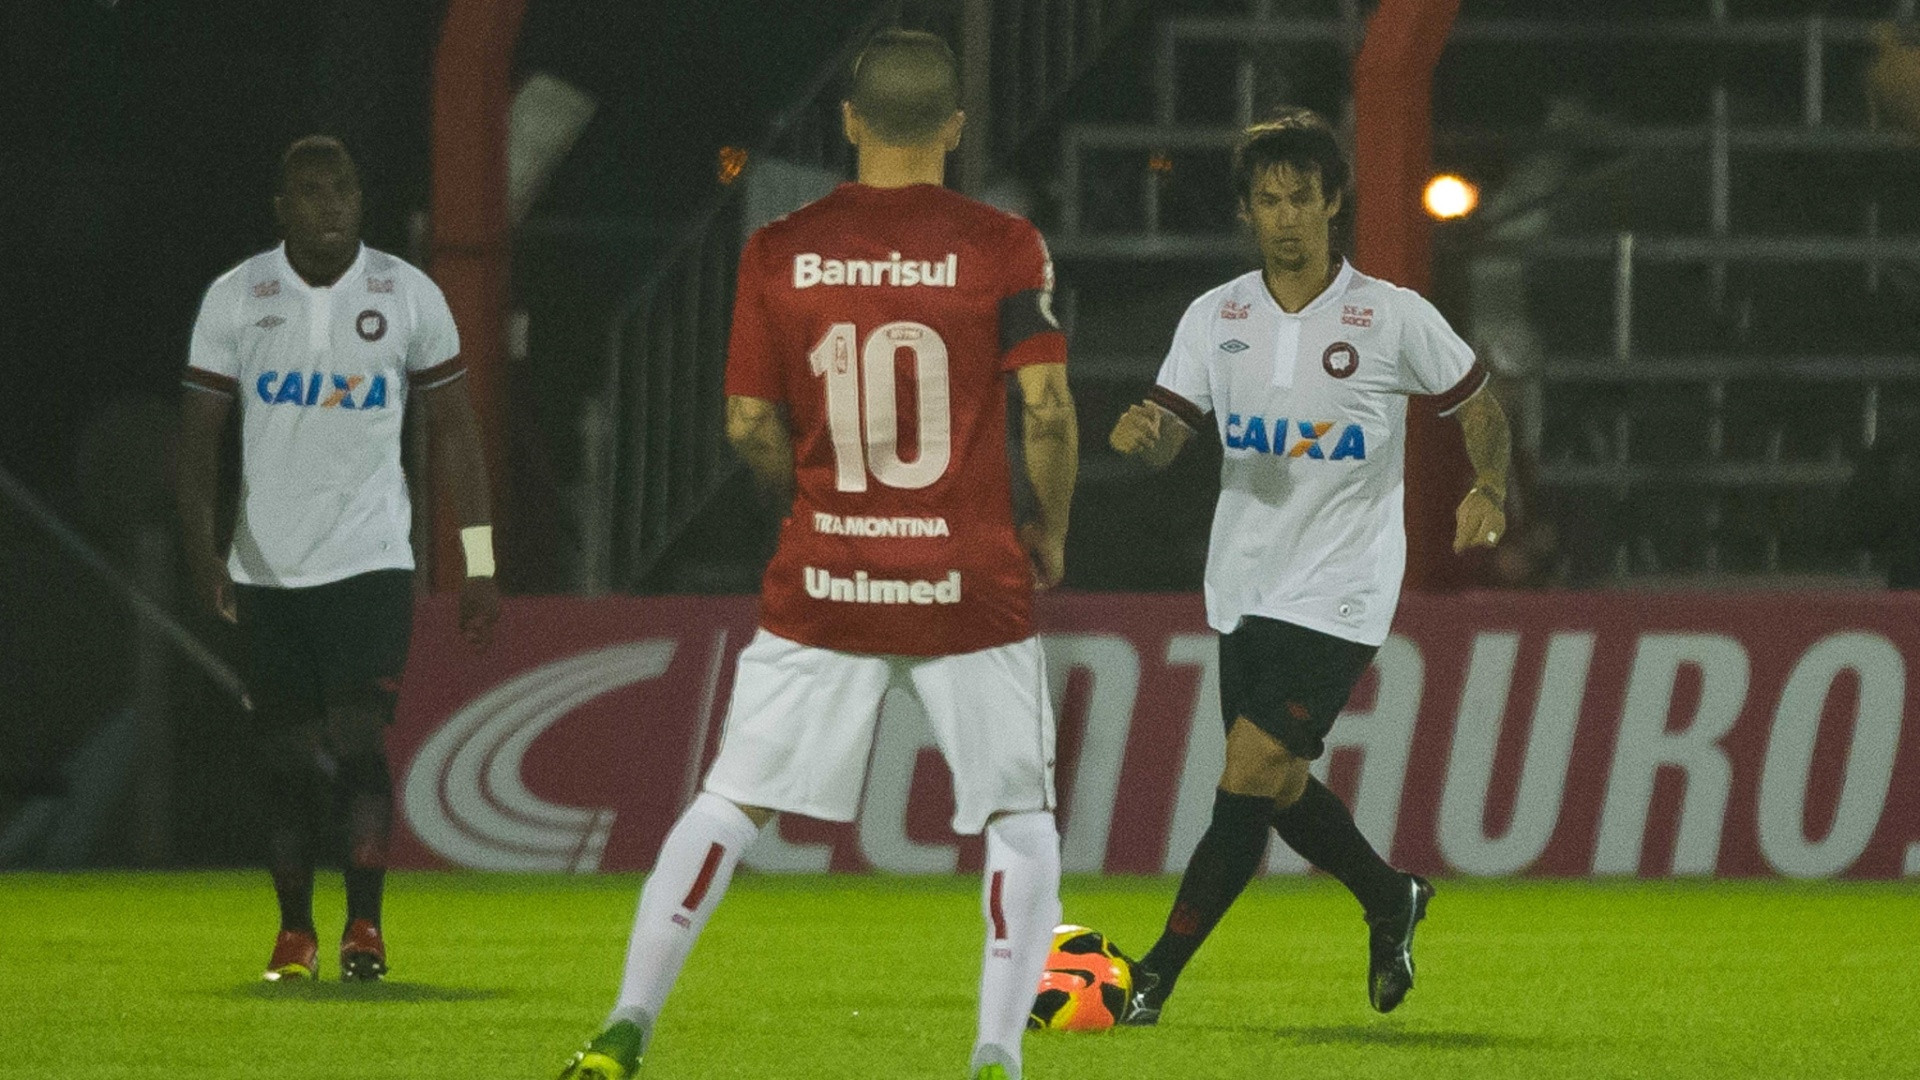 26.set.2013 - João Paulo, volante do Atlético-PR, controla a bola diante de D'Alessandro, meia do Inter, em partida da Copa do Brasil